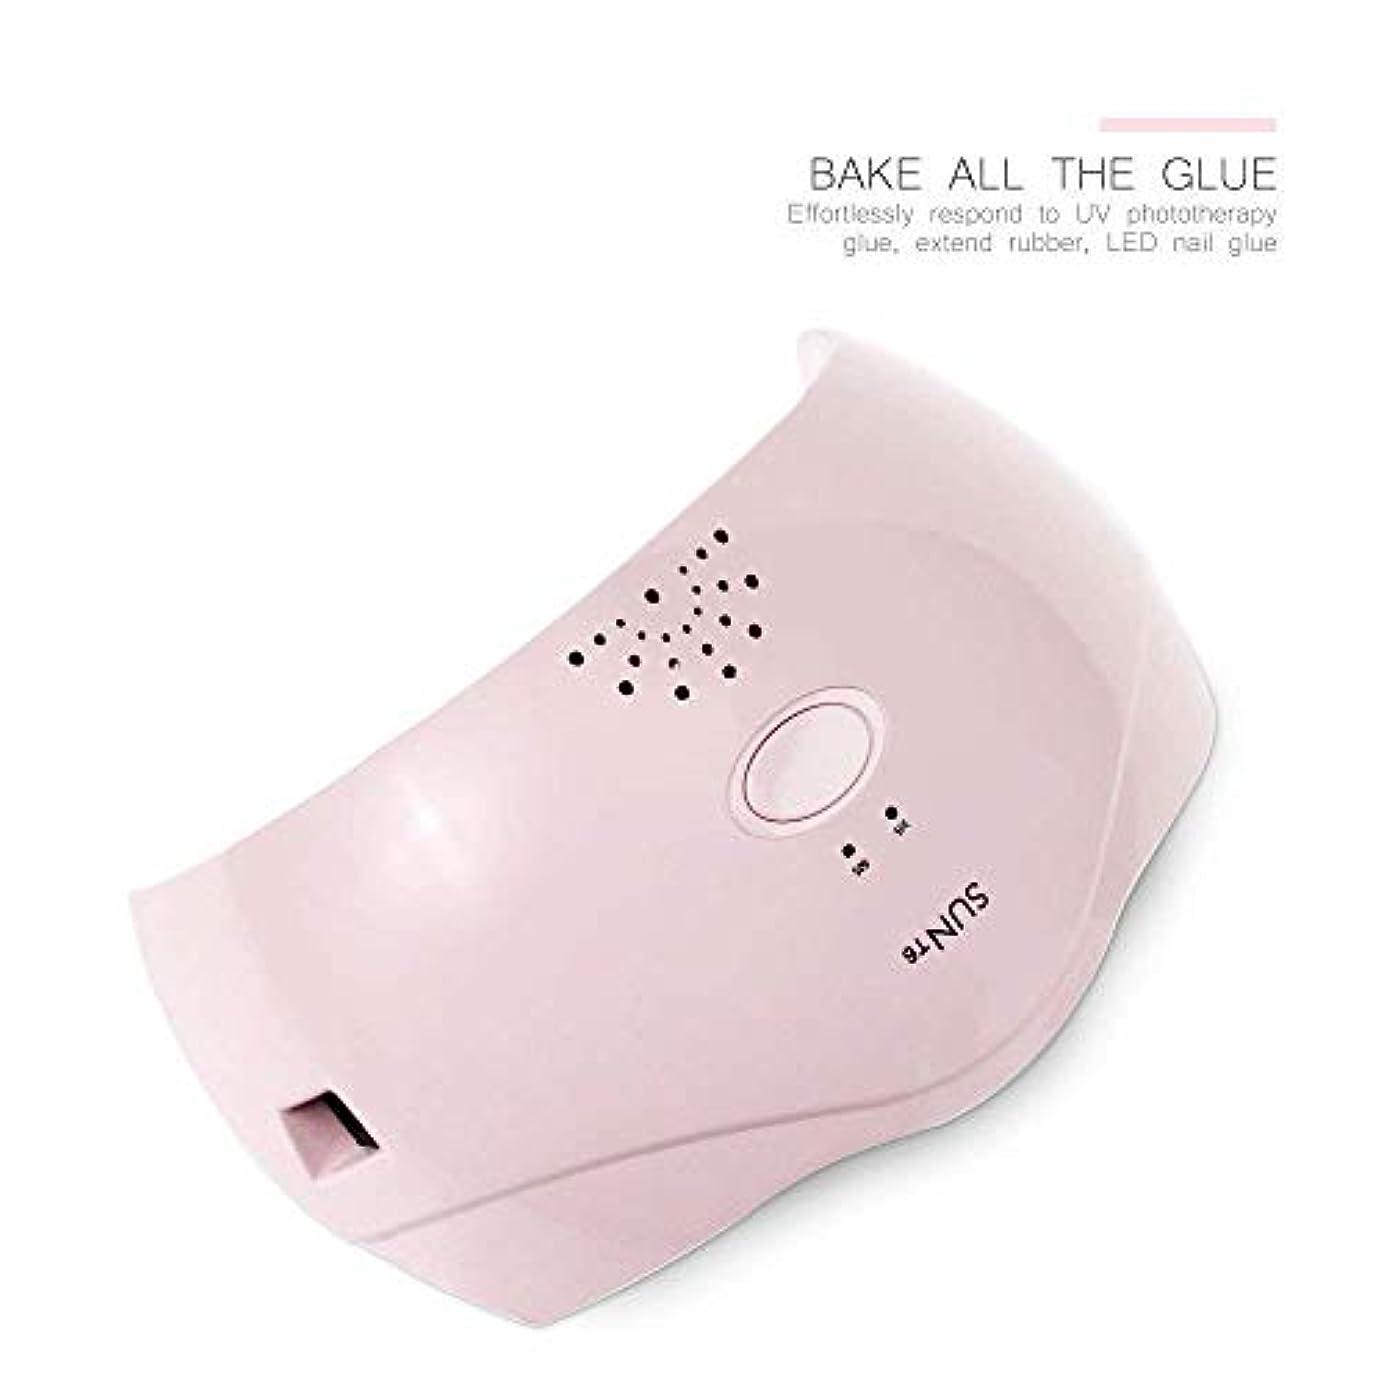 維持する使用法傾向ネイルマシン24ワットスマートネイル光線療法機デュアル光源2スピードタイマークイック乾燥、ピンク (Color : Pink)